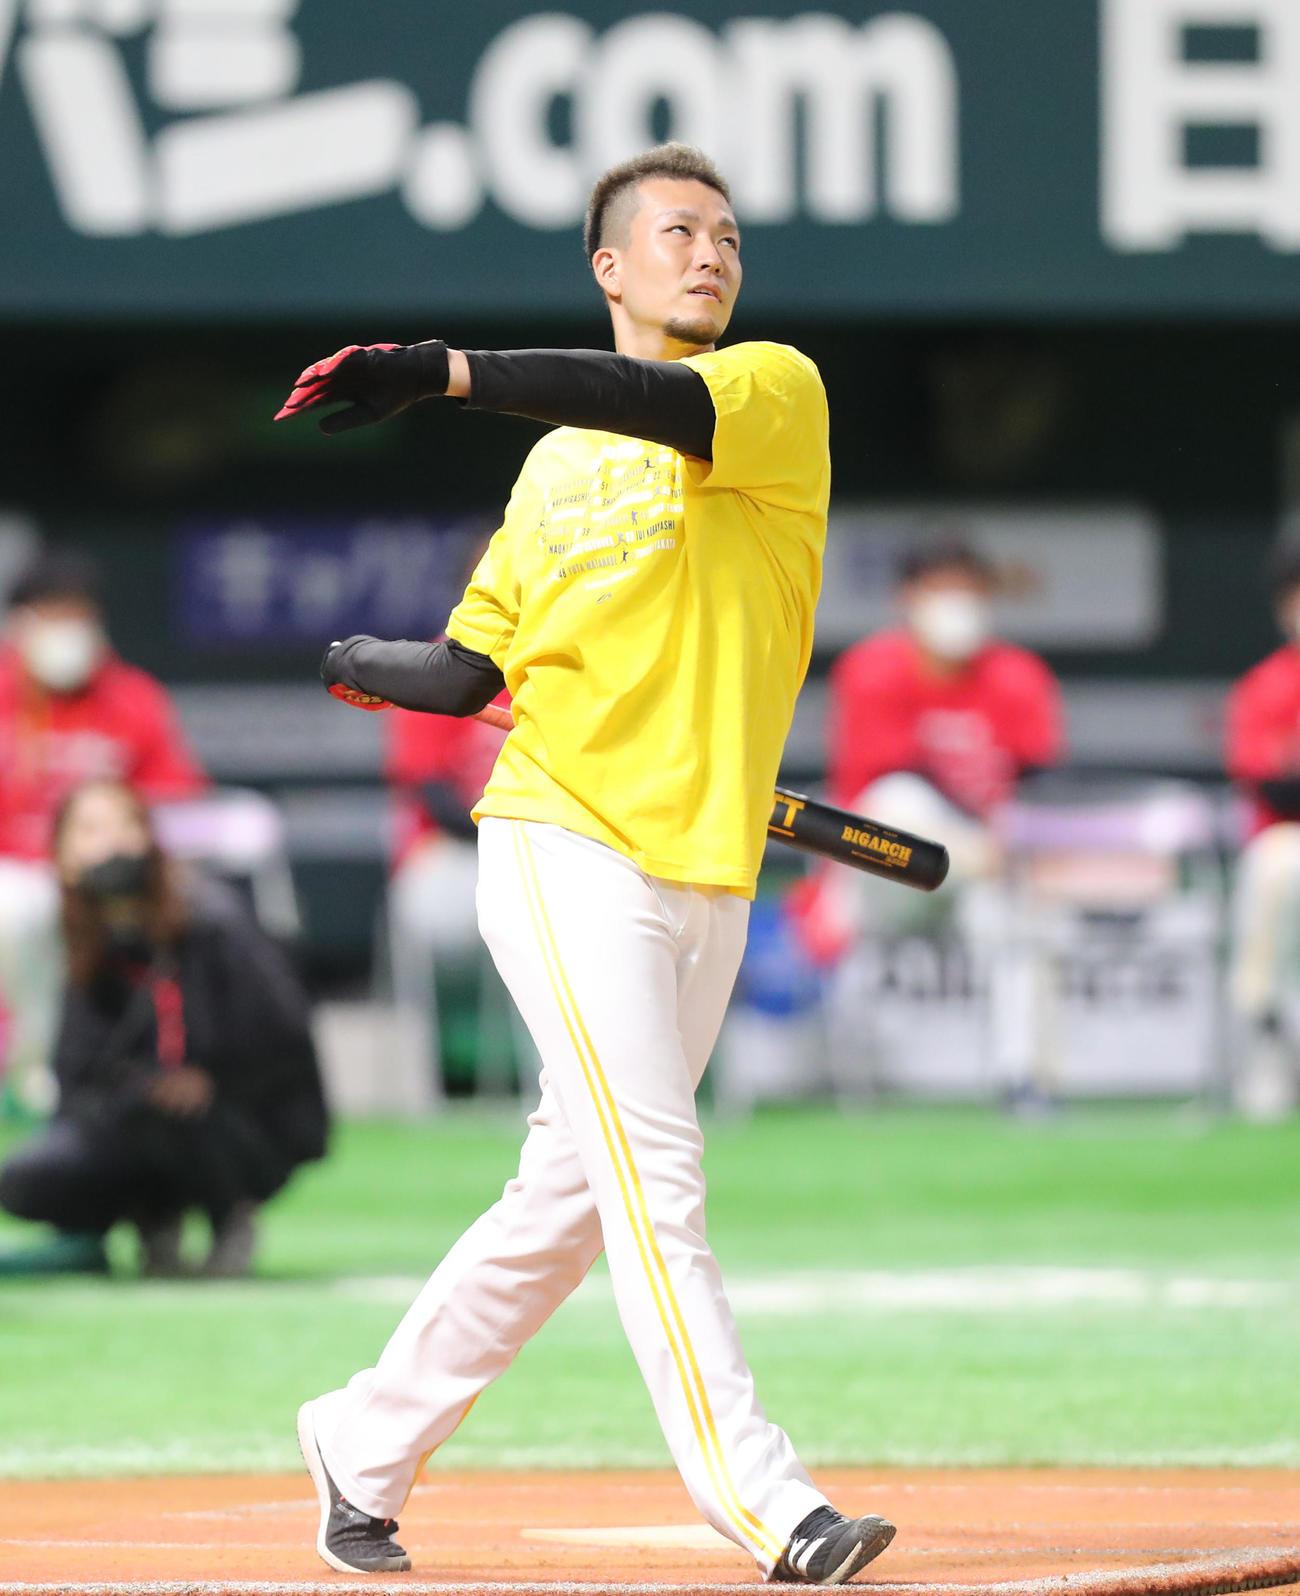 ファンフェスティバルでホームラン競走に出場した千賀滉大は力一杯バットを振る(撮影・梅根麻紀)